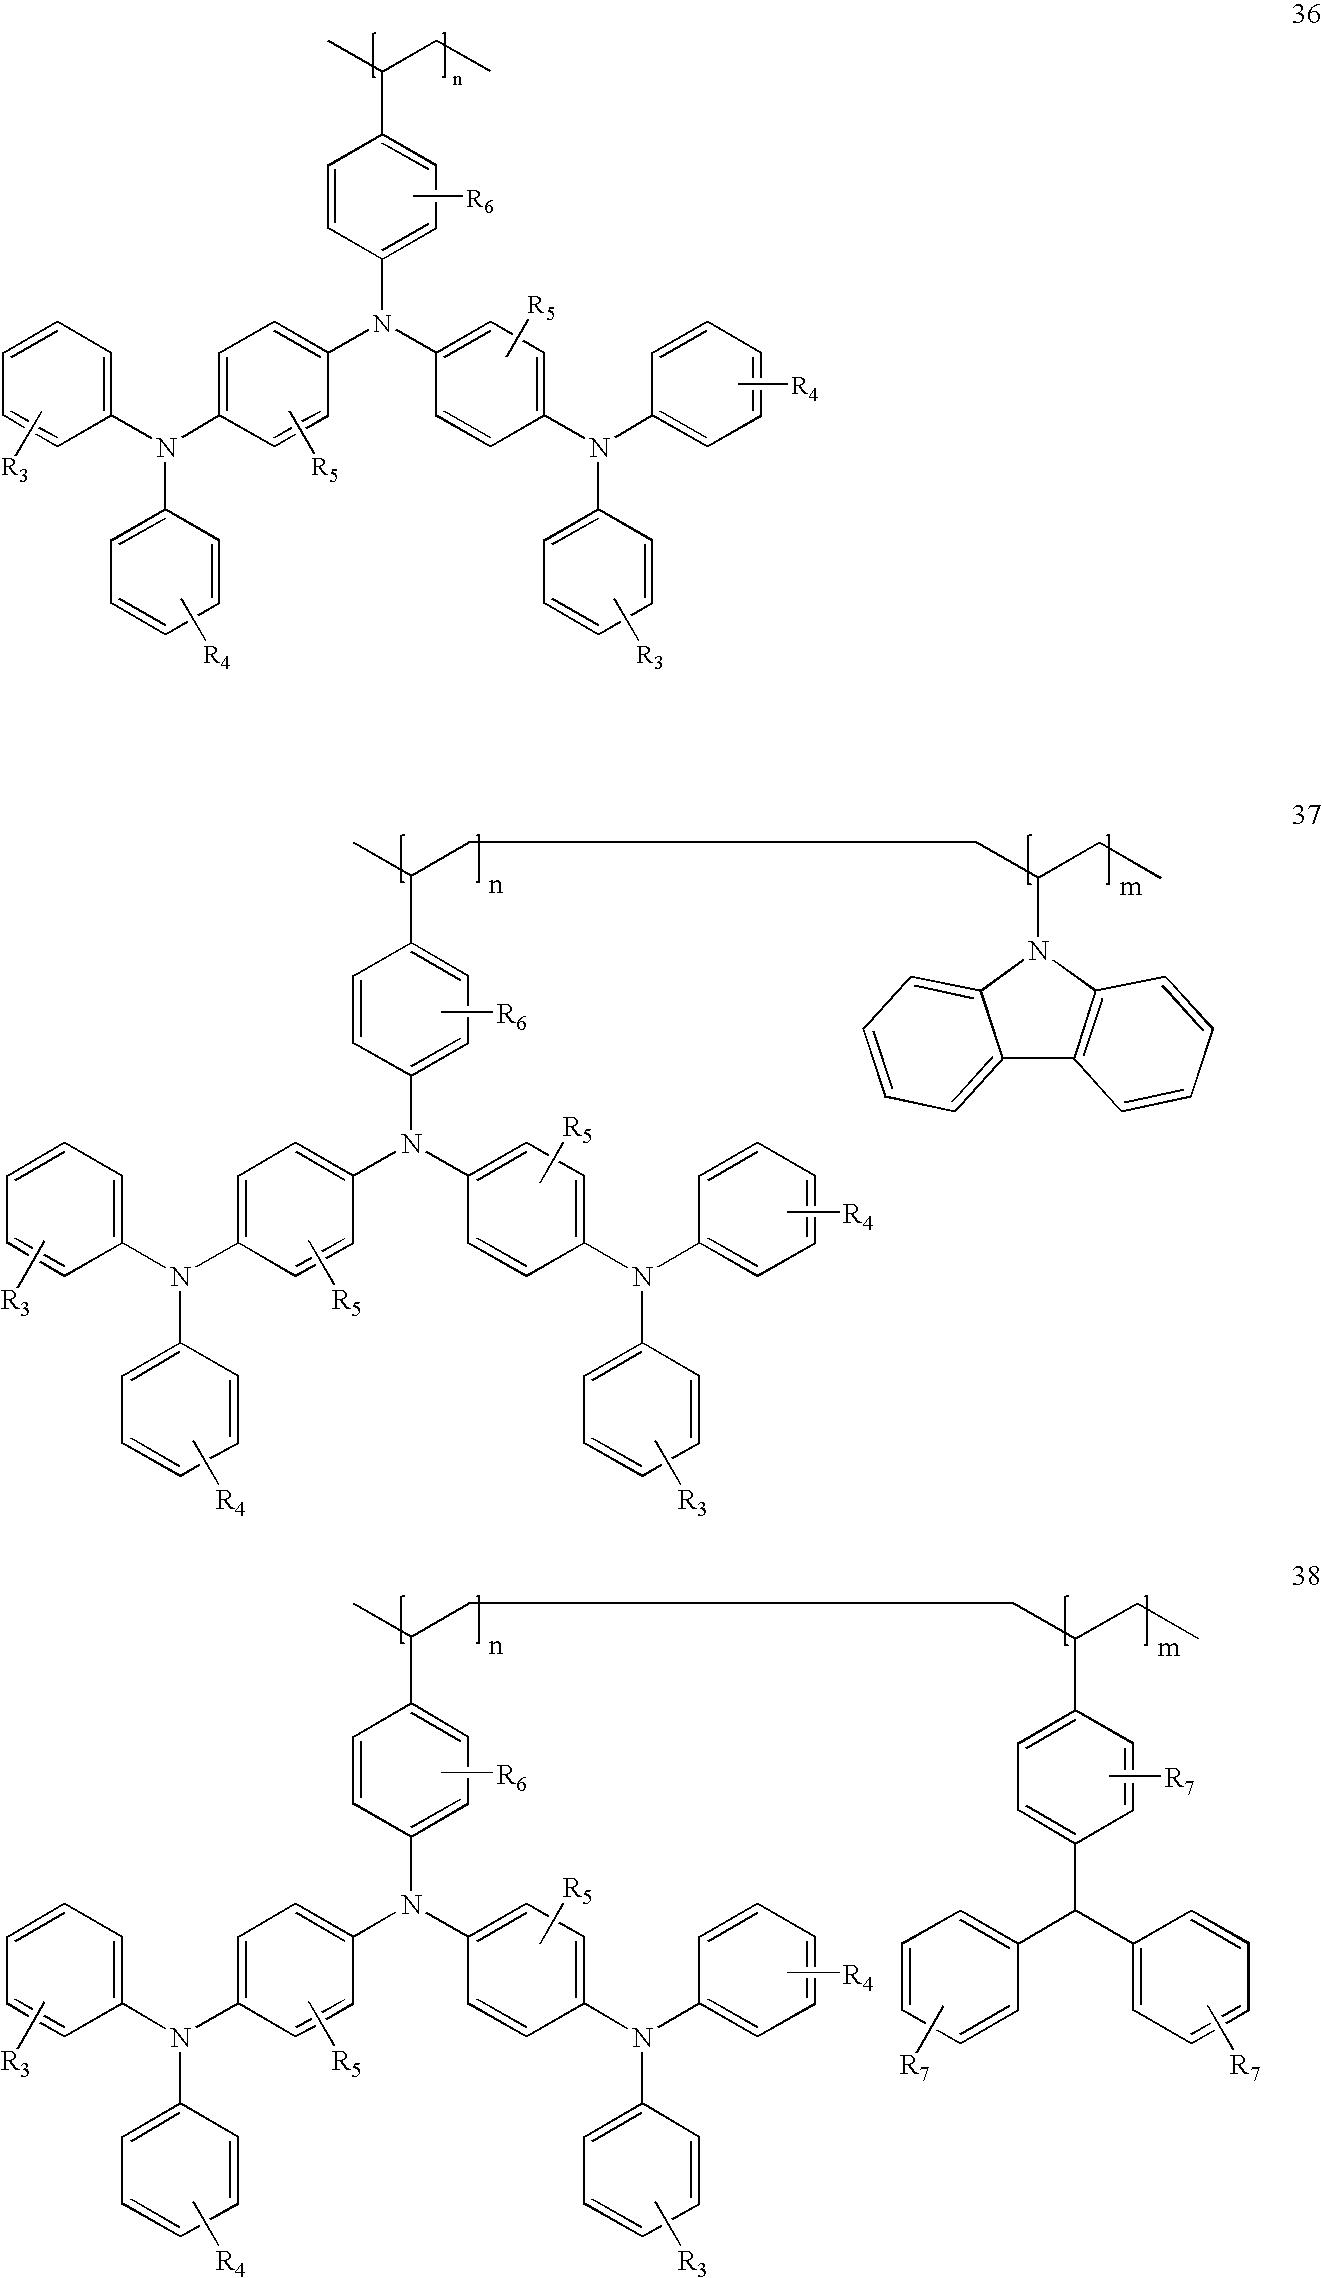 Figure US07166010-20070123-C00016